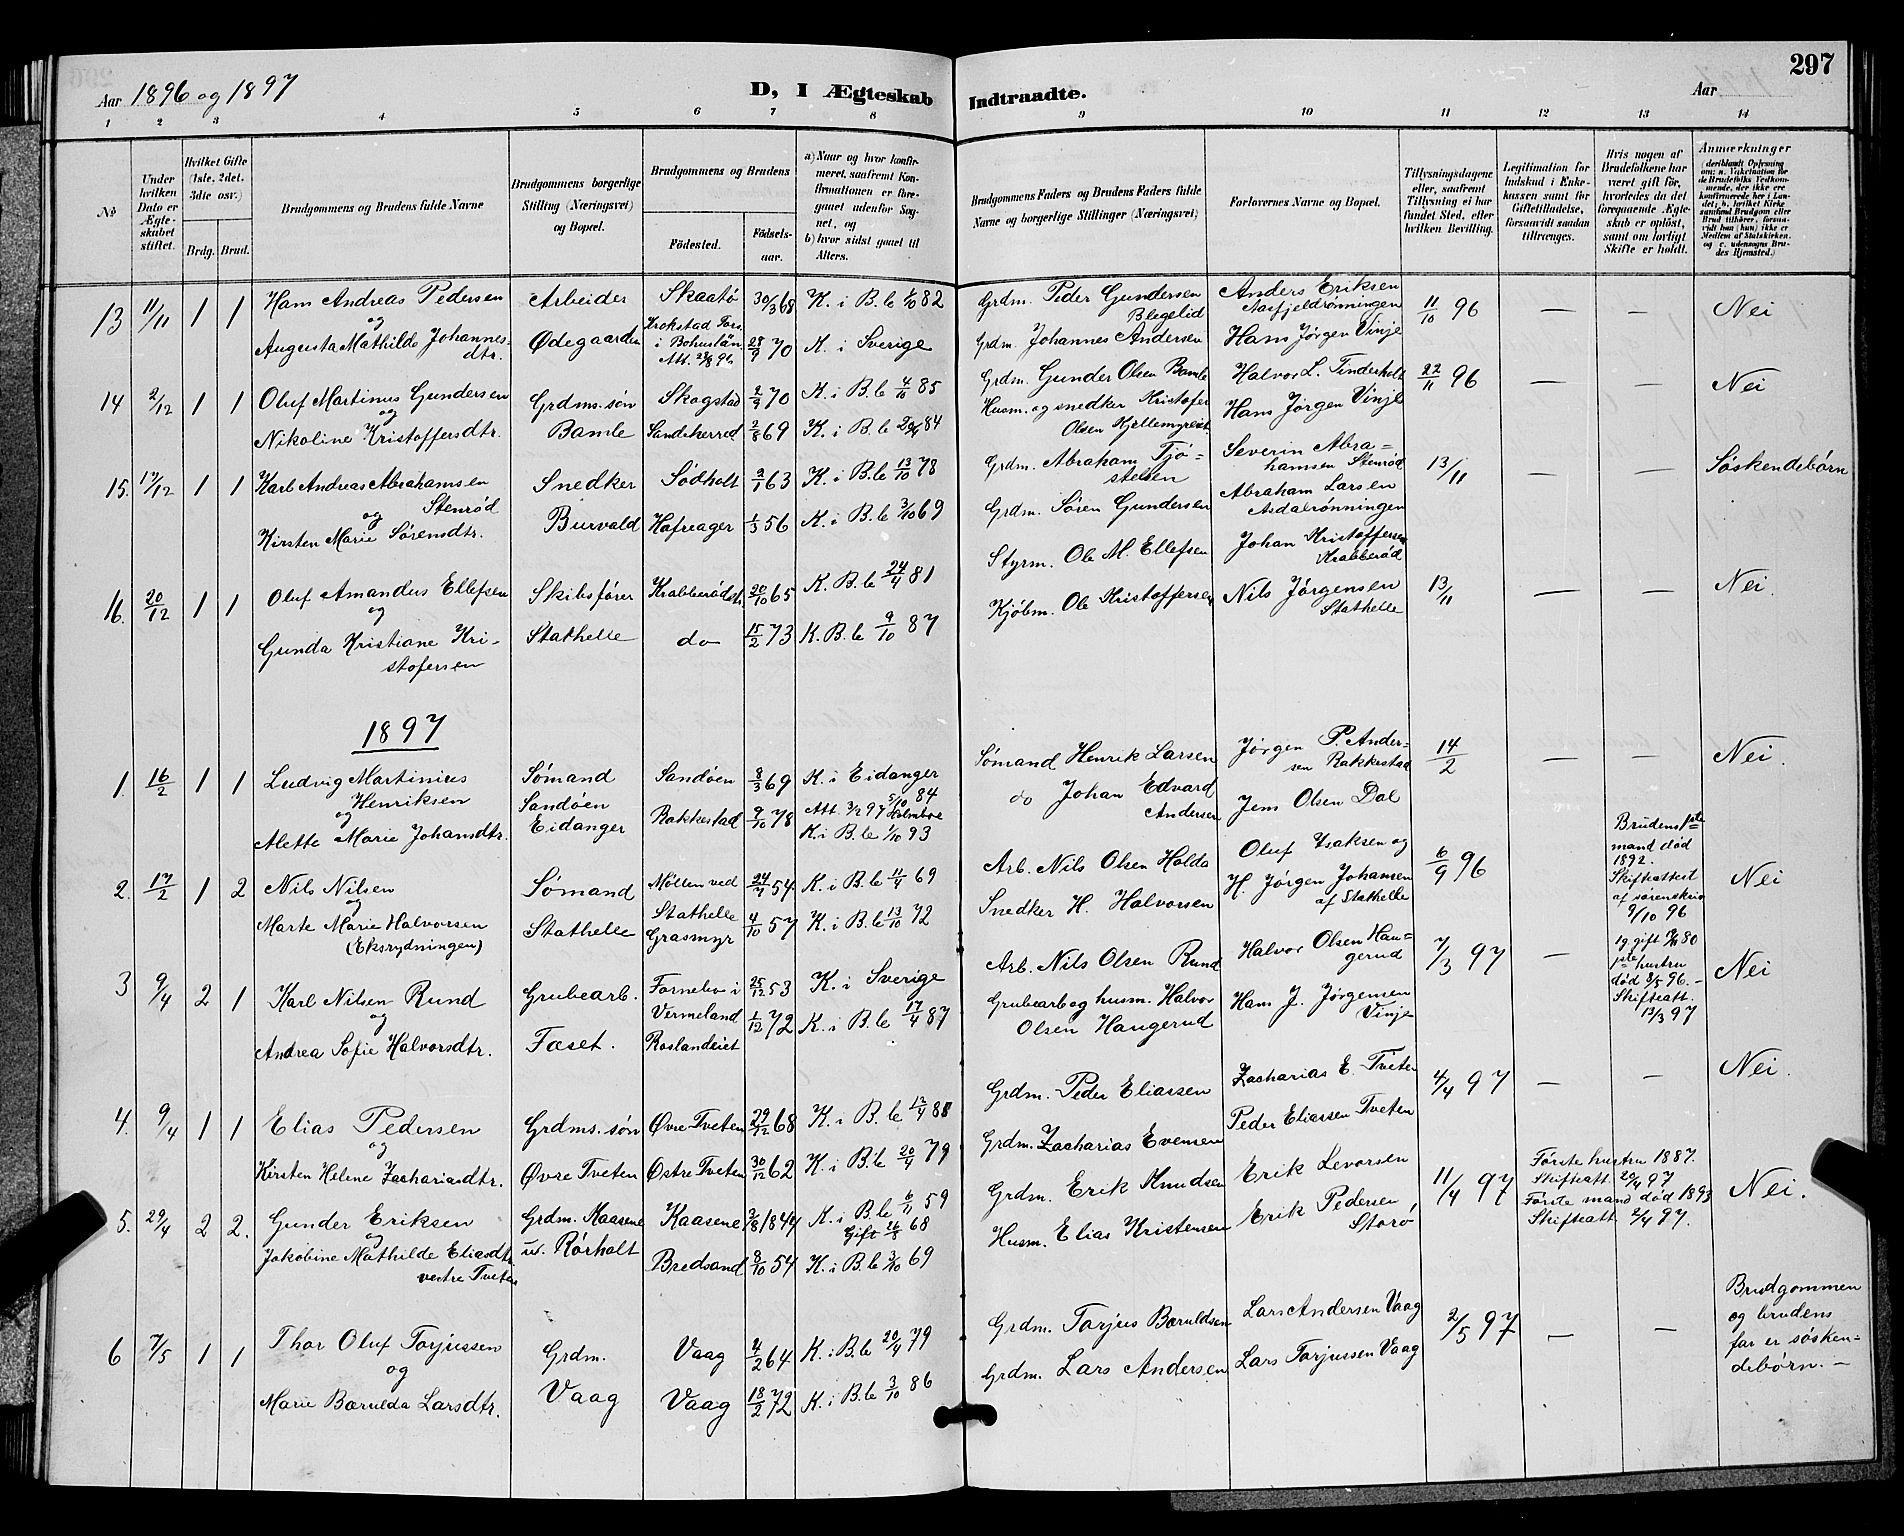 SAKO, Bamble kirkebøker, G/Ga/L0009: Klokkerbok nr. I 9, 1888-1900, s. 297